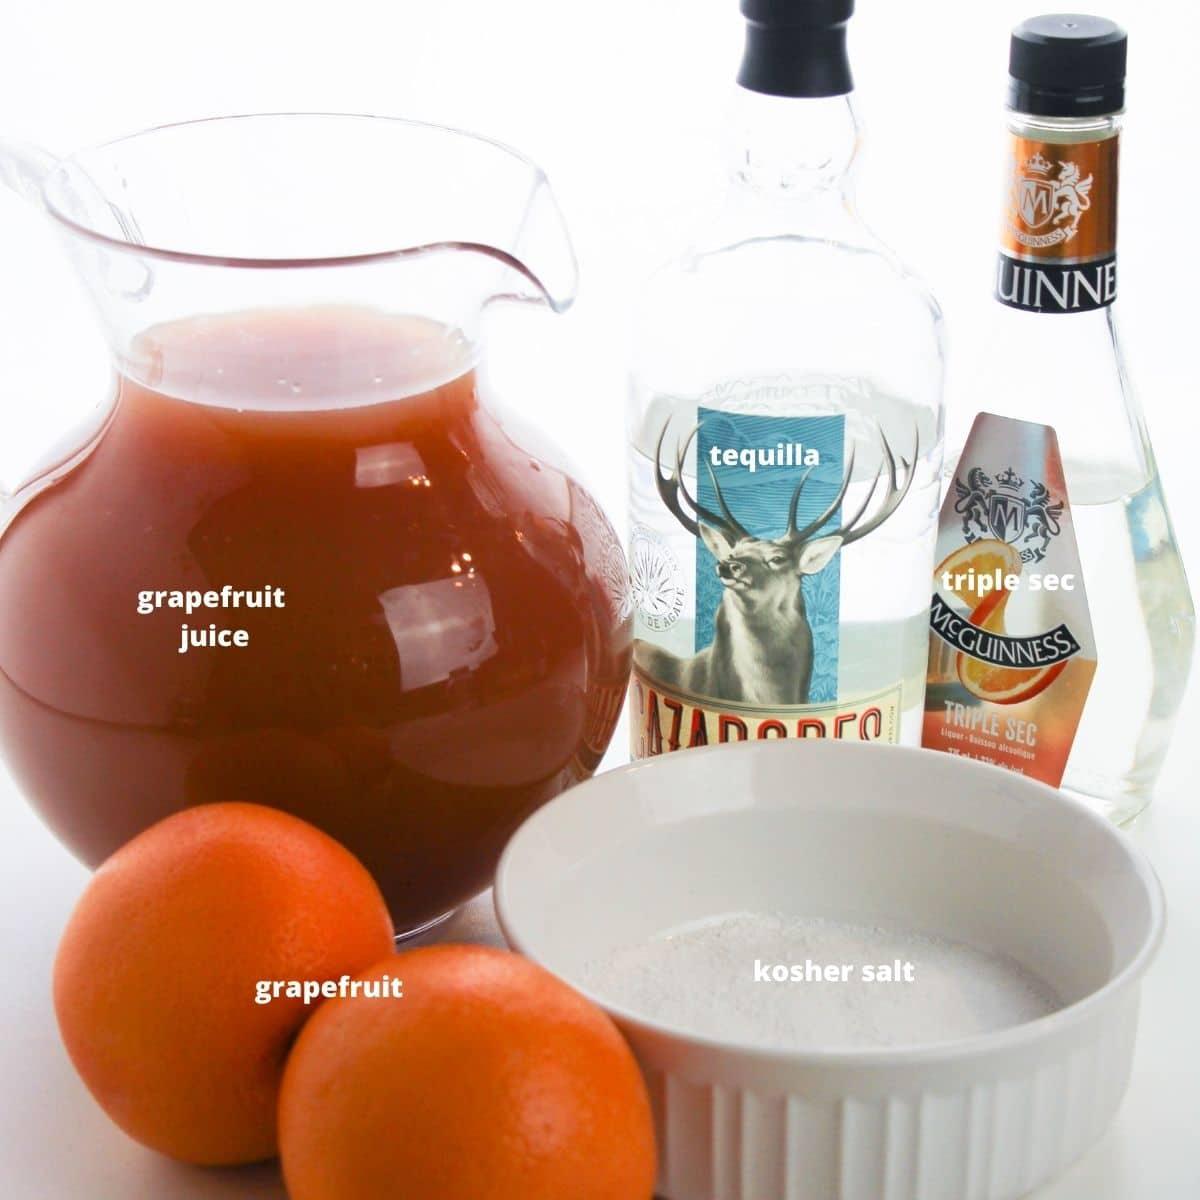 ingredients to make grapefruit margarita